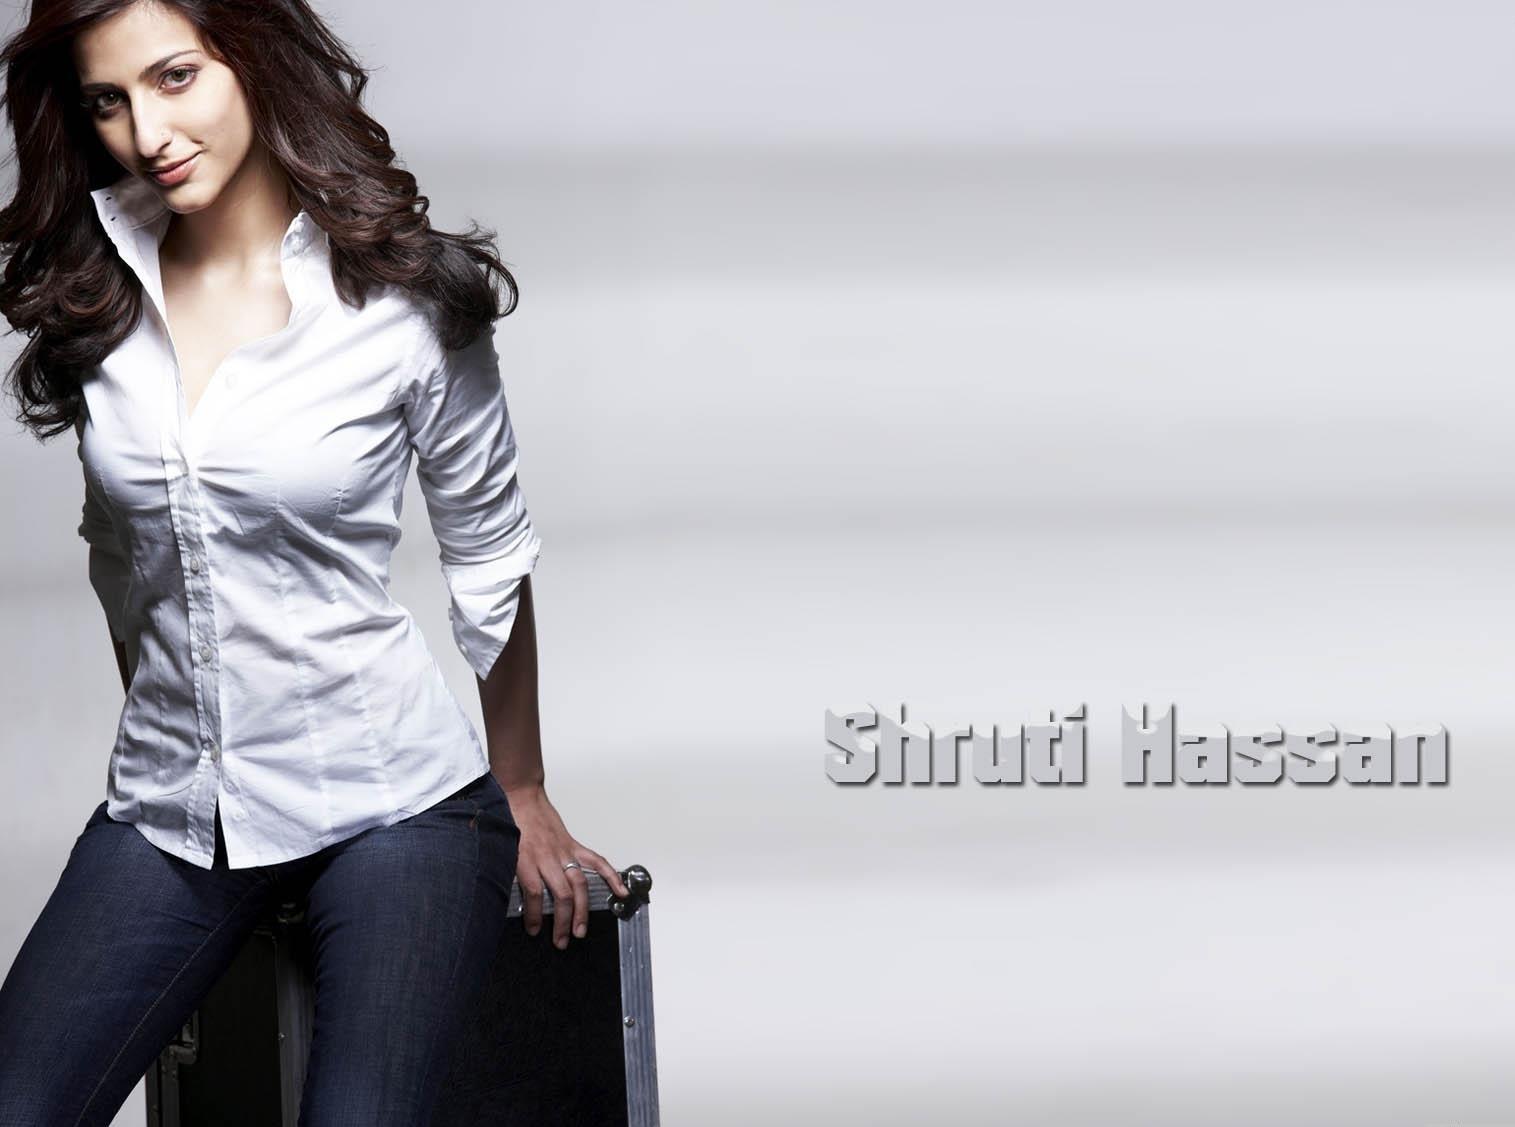 Shruti Hassan Images  Hot Photos - Hd Images 1080P-3961